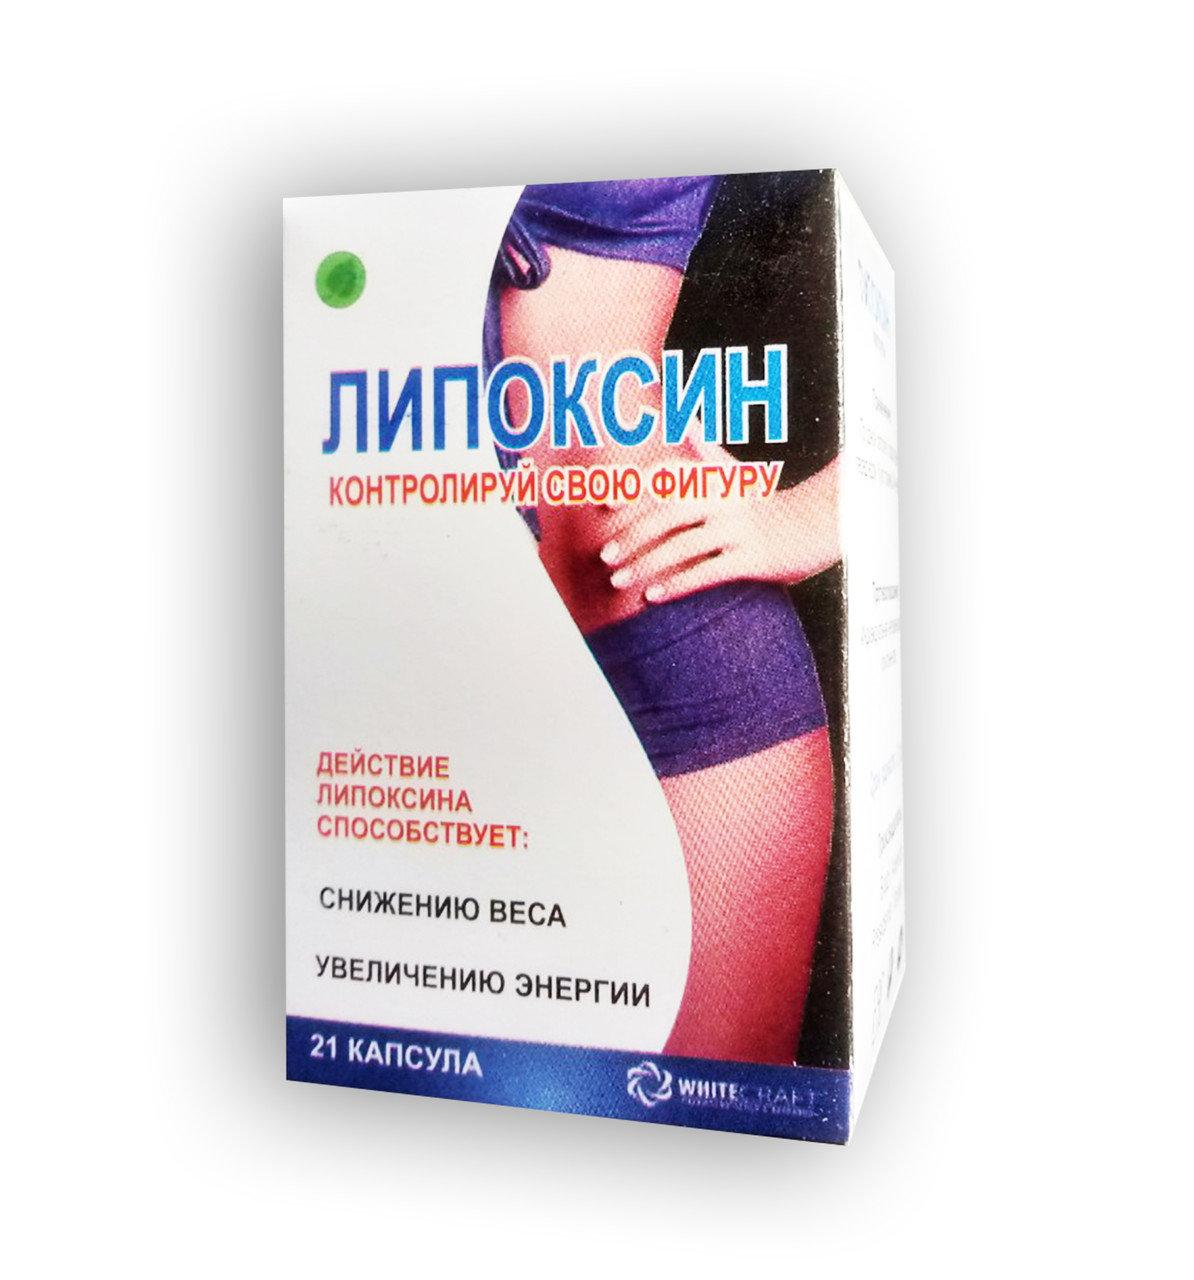 Липоксин - капсули для контролю ваги - СЕРТИФІКАТ